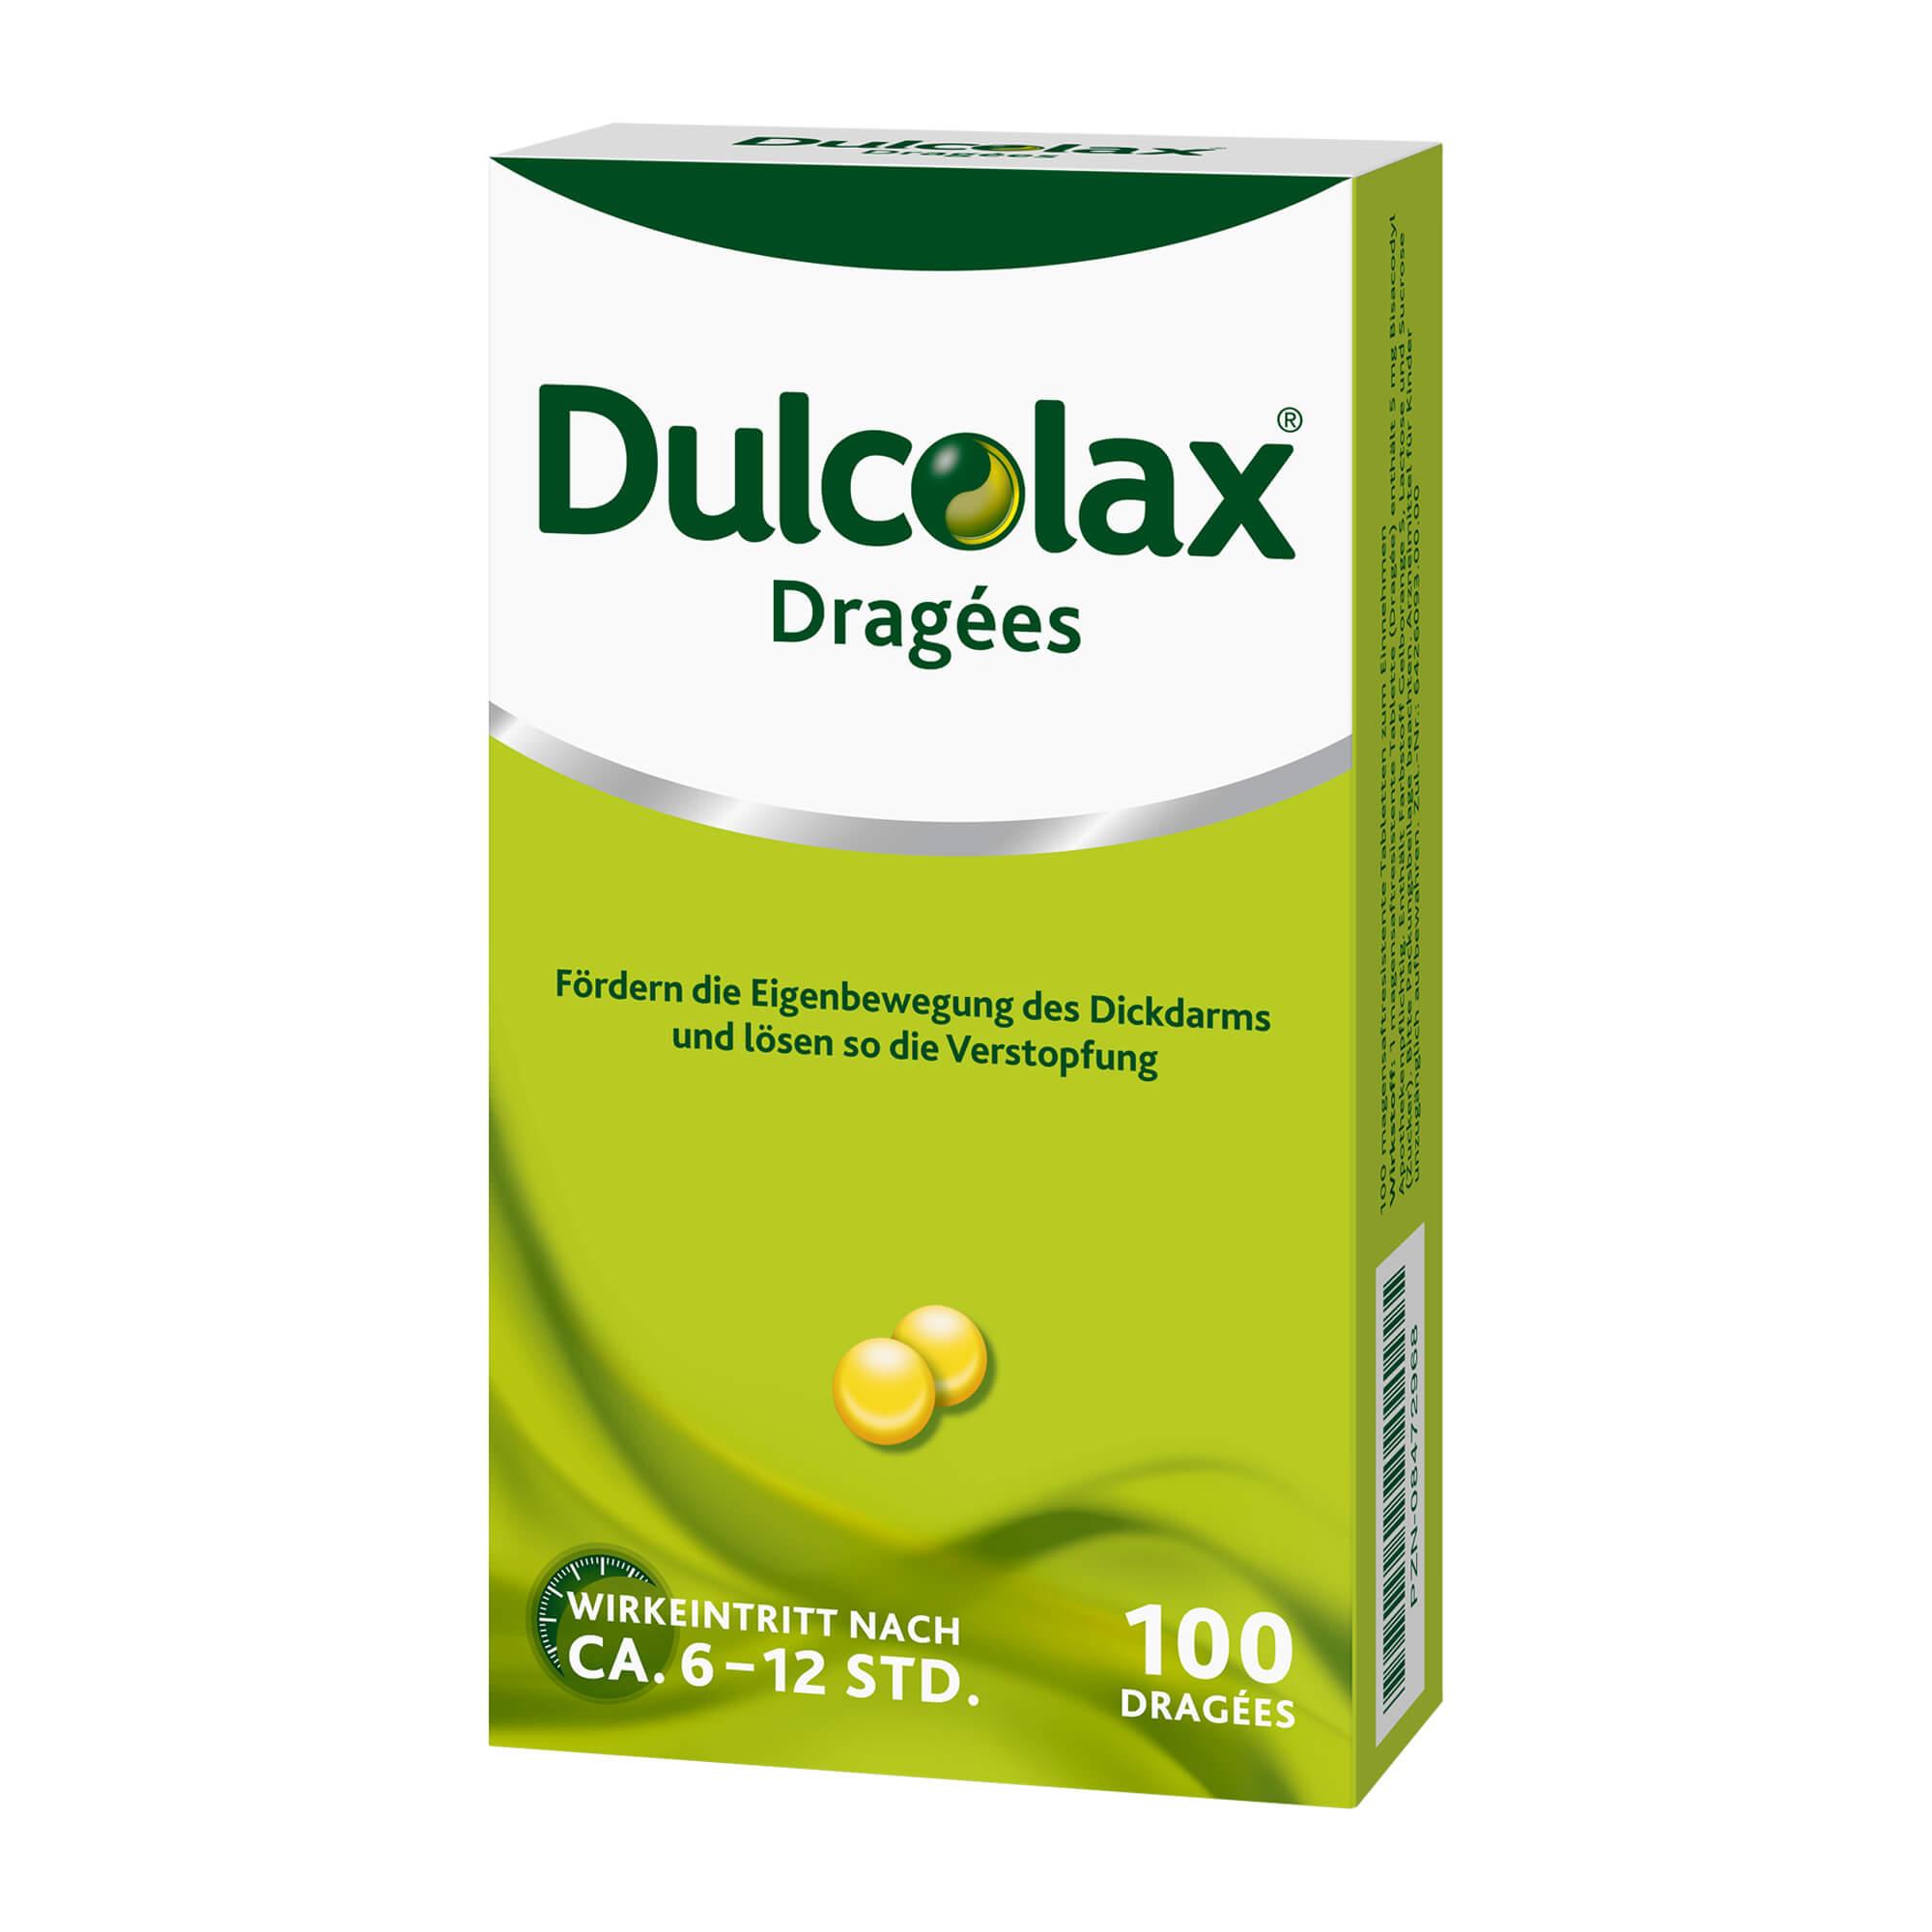 Priligy 30 mg quanto costa